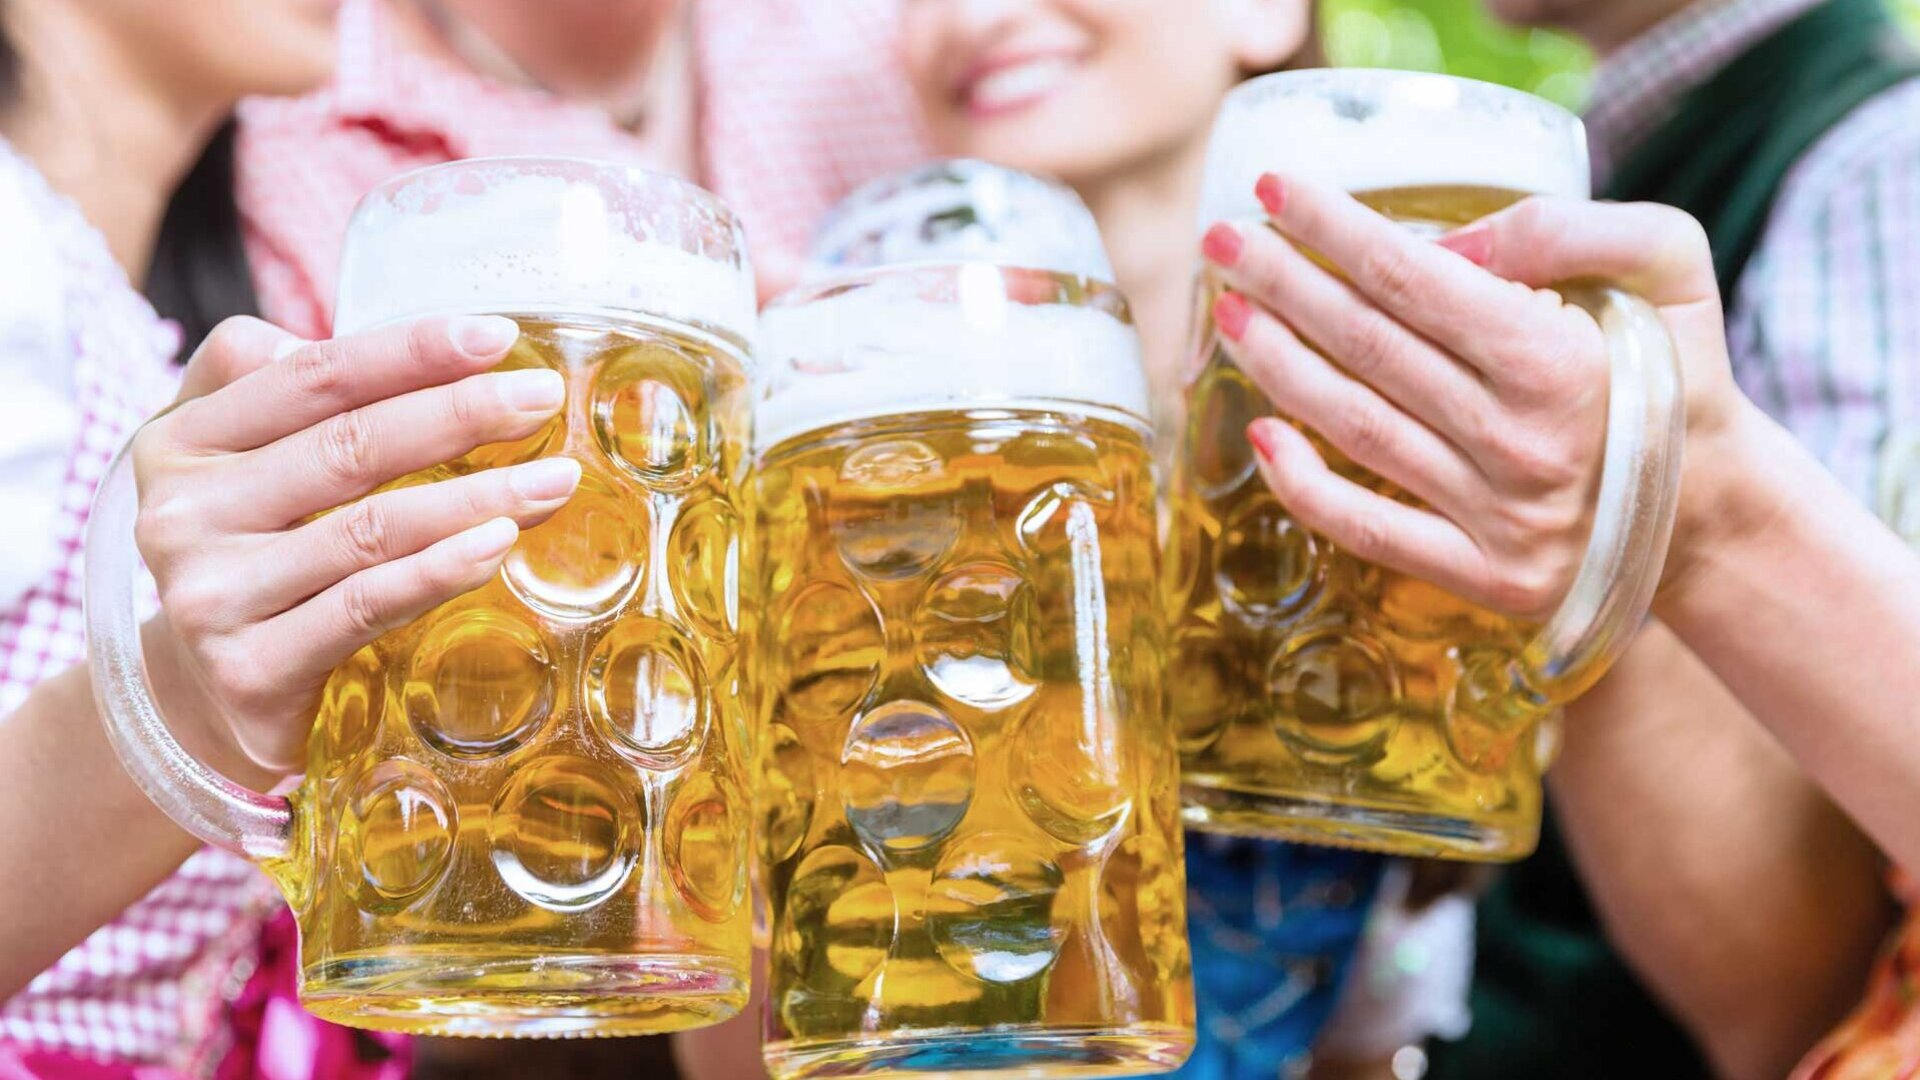 清洁眼镜保持良好的啤酒乐趣 - 没有问题归功于MEIKO